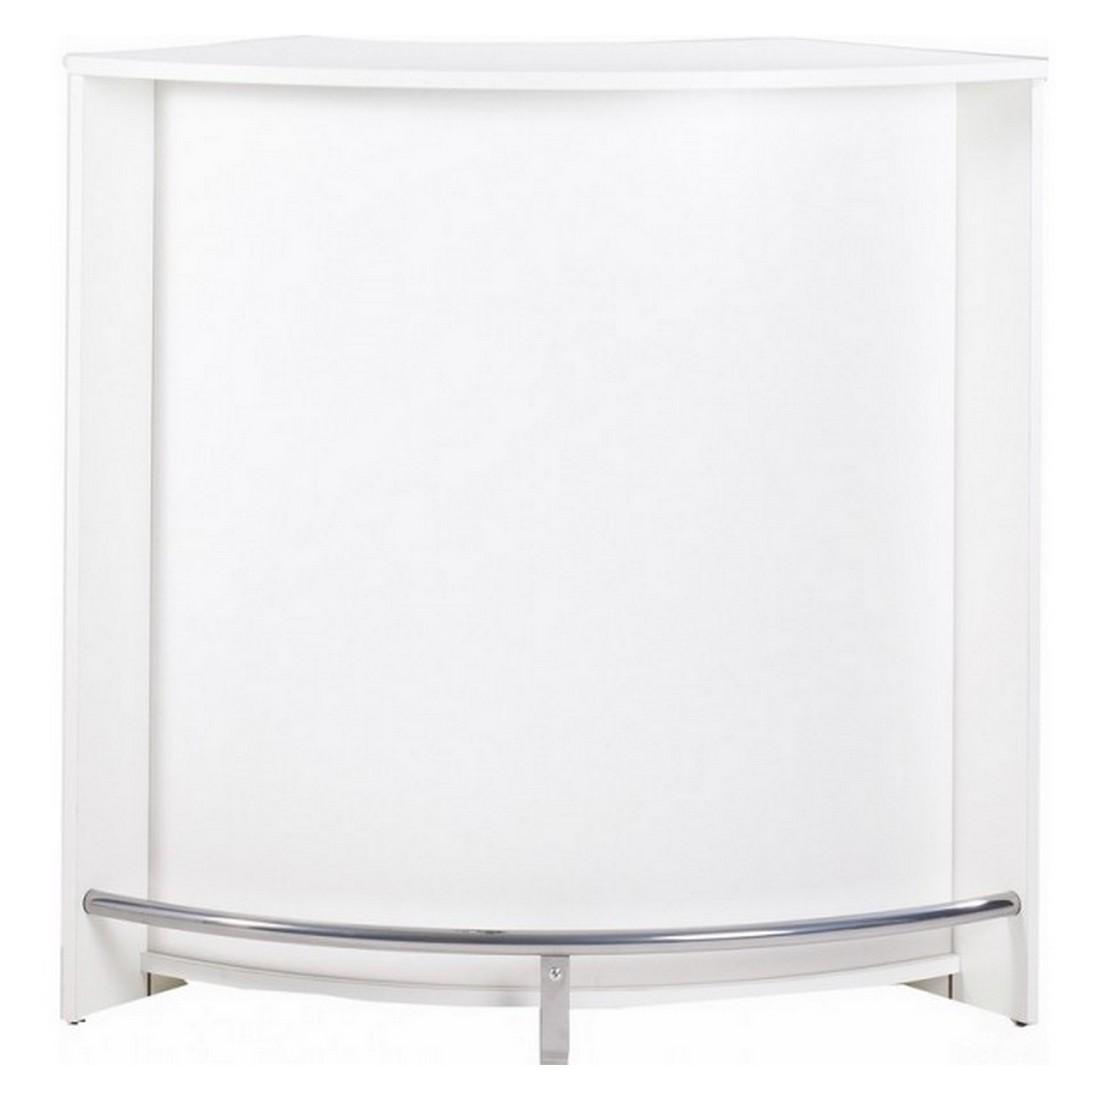 Meuble bar comptoir de cuisine meuble d 39 accueil coloris - Porte capitonnee prix ...